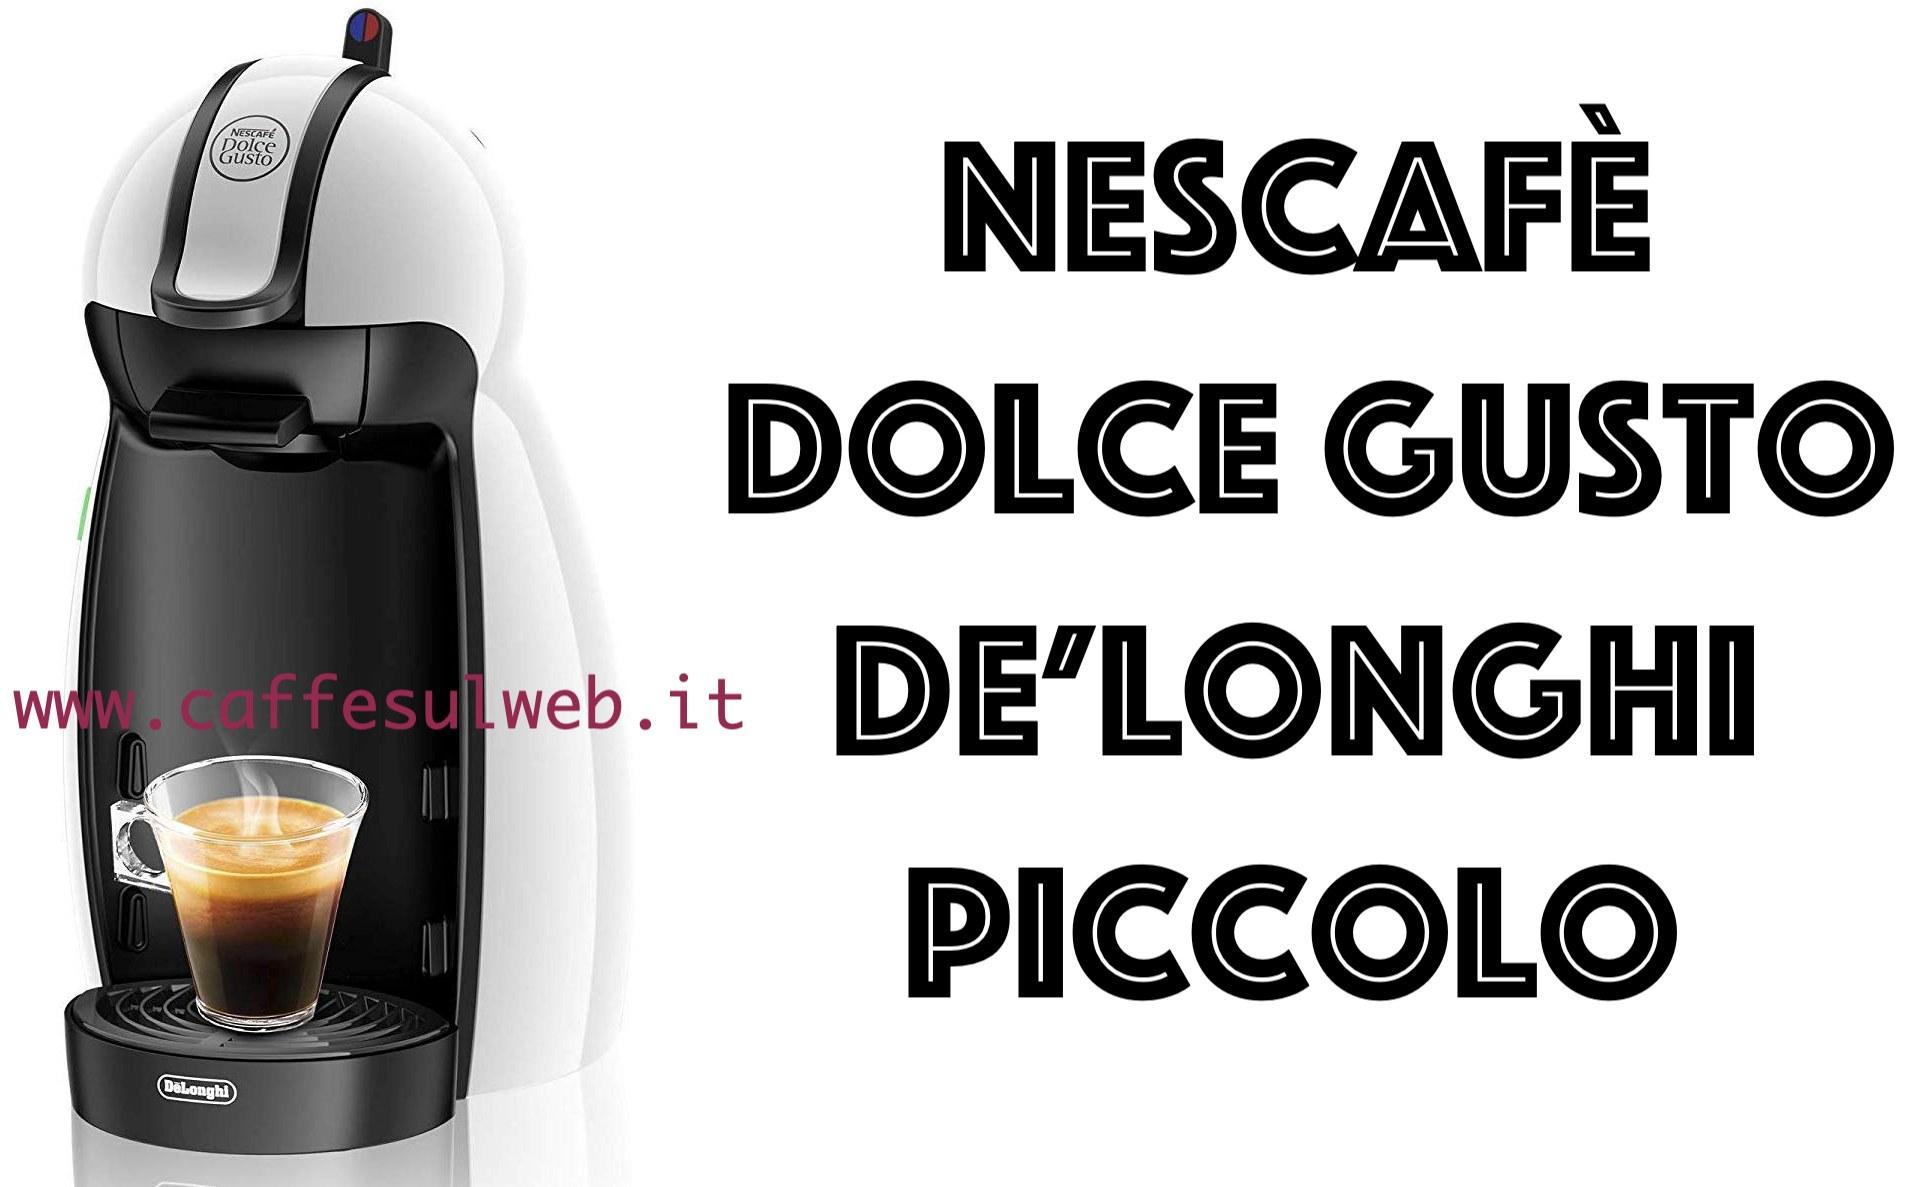 Nescafe Dolce Gusto Piccolo EDG 100 W Recensioni Opinione Prezzo